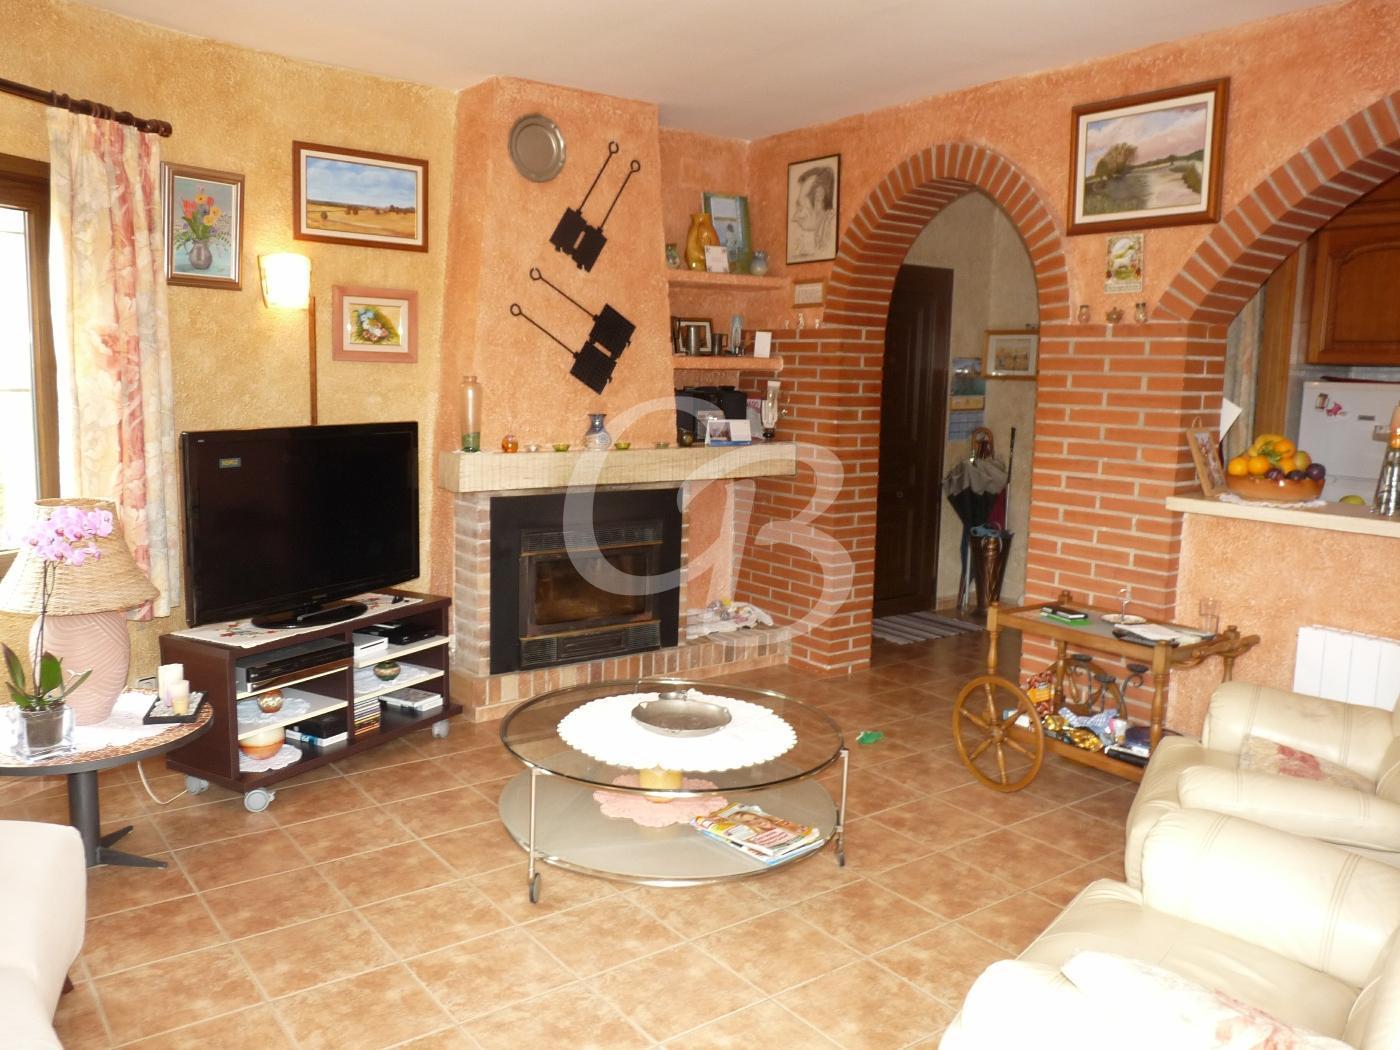 2111 CASA EN VENTA CON PISCINA PRIVADA  Detached house